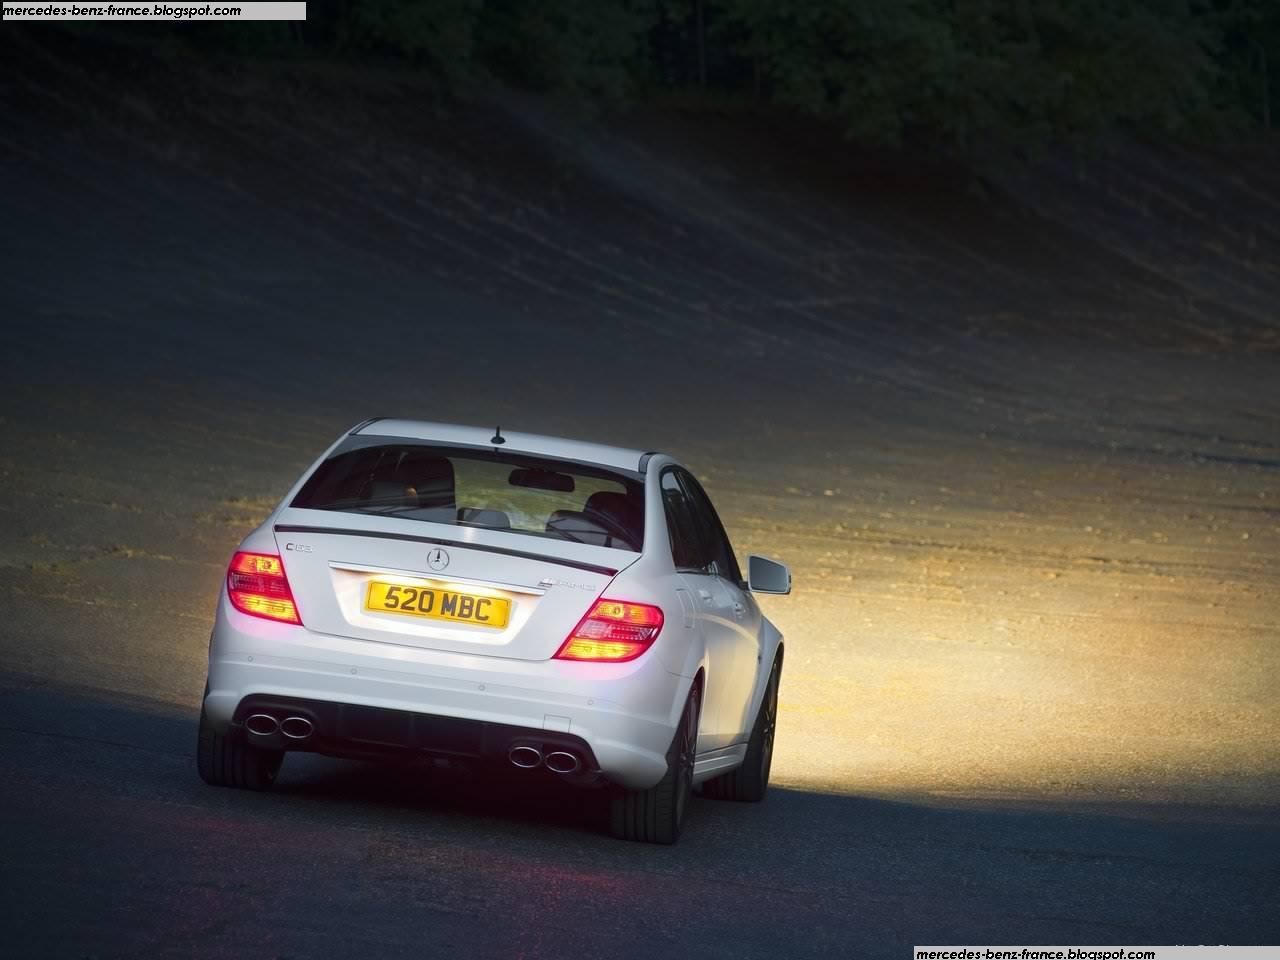 http://4.bp.blogspot.com/_xhqjRo6NERQ/TCy8AUecrtI/AAAAAAAAIlY/dZw_LnN4yjs/s1600/Mercedes-Benz-C-Class_DR_520_2011_1280x960_wallpaper_05.jpg